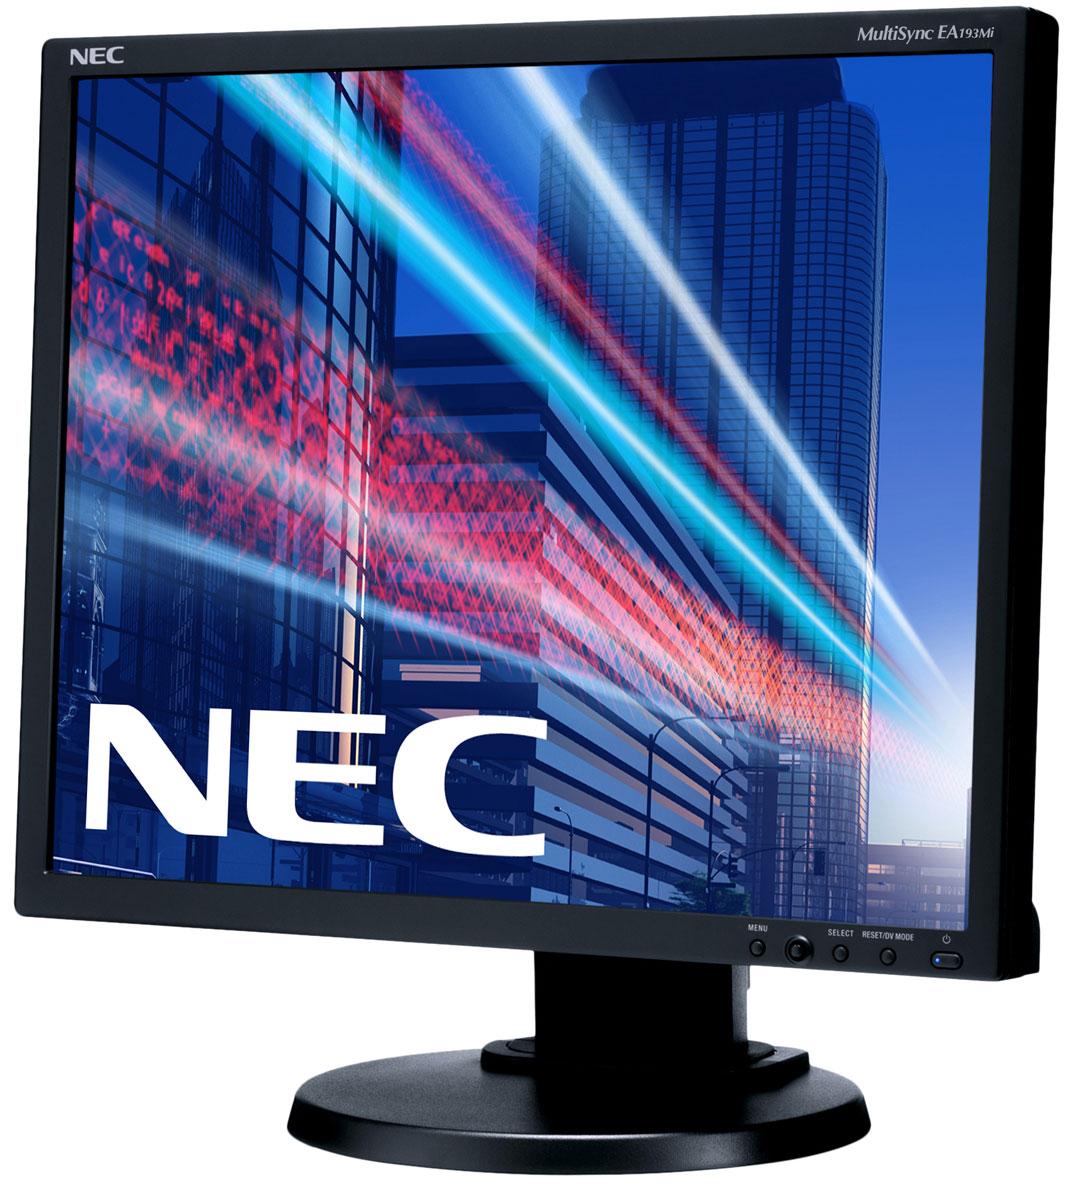 NEC EA193Mi-BK, Black монитор60003586NEC EA193Mi - это профессиональный 19-дюймовый монитор традиционного формата 5:4 с лучшей IPS-панелью и современной энергосберегающей технологией светодиодной подсветки. Он обладает современными возможностями подключения с помощью DisplayPort и отличными эргономическими характеристиками. Благодаря низкому расходу электроэнергии и низким эксплуатационным расходам данный дисплей является идеальной моделью для профессиональной эксплуатации в офисах. Благодаря превосходным эргономическим свойствам и таким важным характеристикам, как датчик внешней освещенности, данный монитор является удобным в обращении и помогает повысить производительность. Датчик рассеянного света – благодаря функции автоматической яркости Auto Brightness всегда можно оптимизировать уровень яркости в зависимости от освещения и условий изображения. Эргономические характеристики – регулировка по высоте (110 мм), функция наклона и плоский режим обеспечивают идеальную возможность...